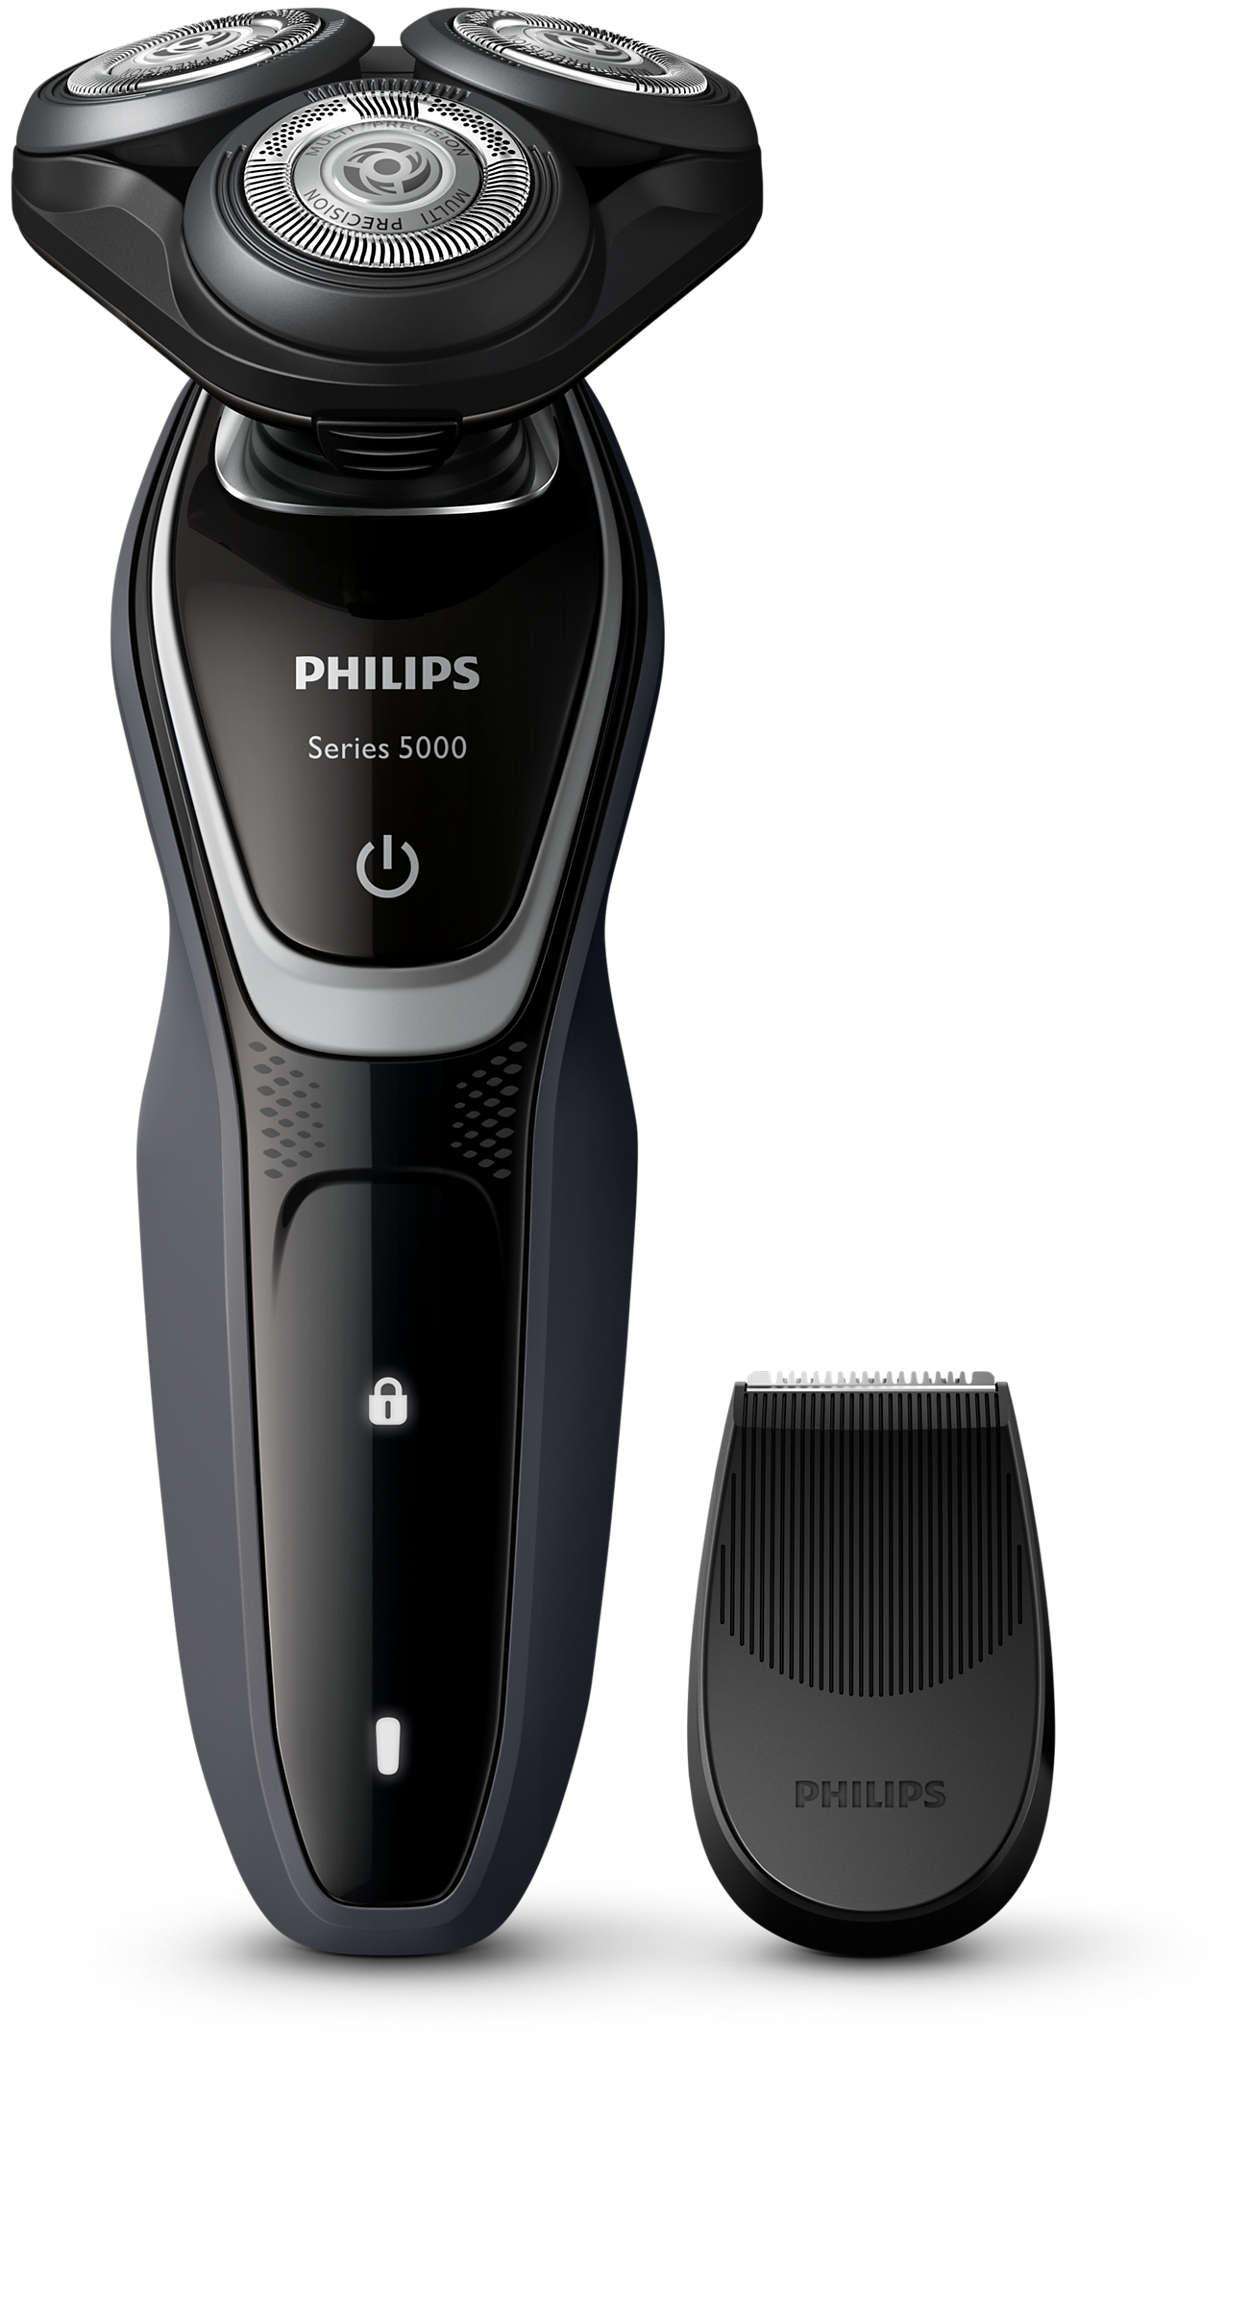 Alapos és gyors borotválkozás